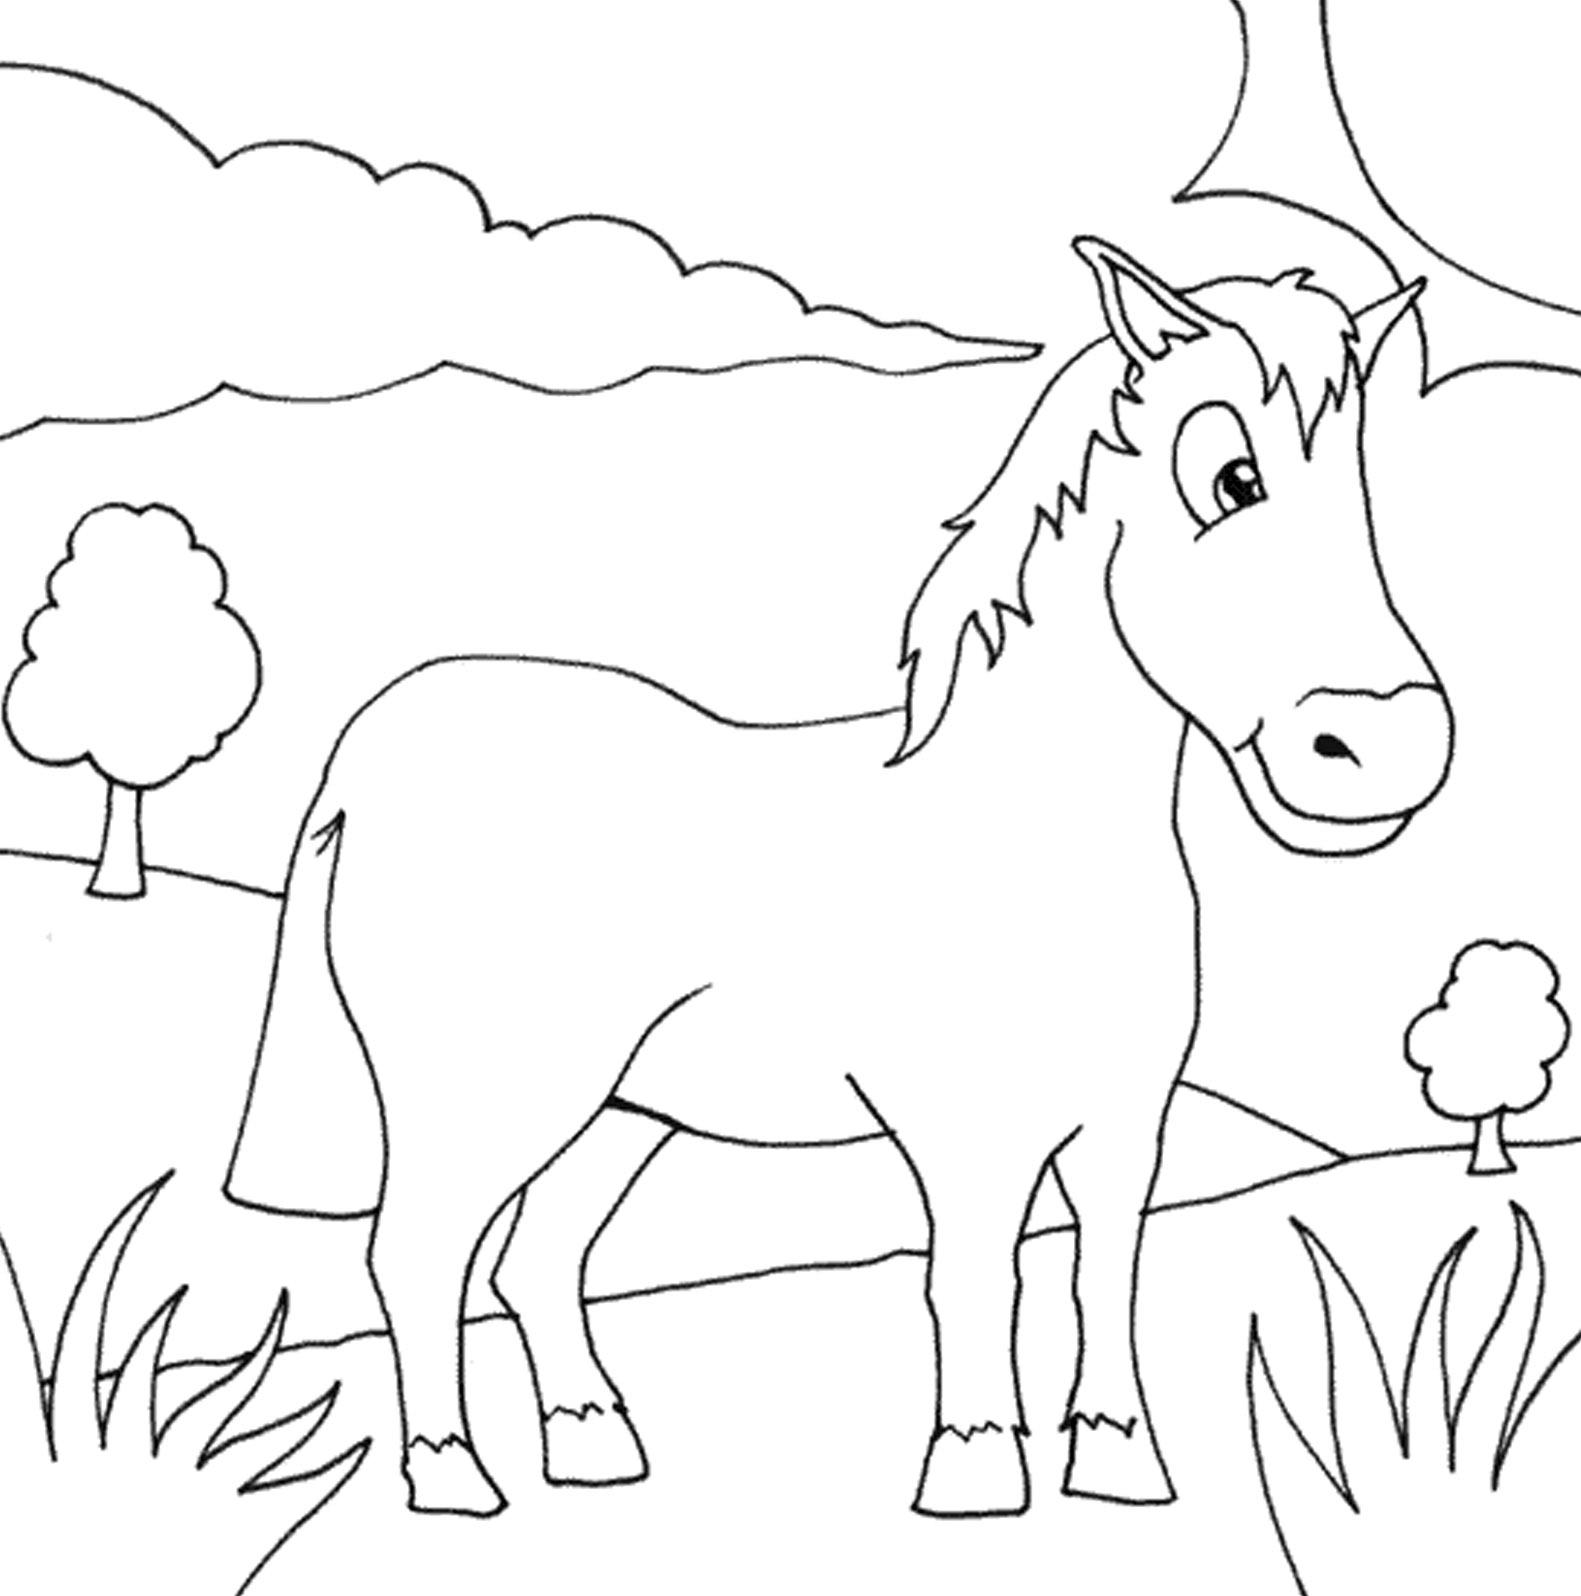 Gambar Sketsa Animasi Binatang